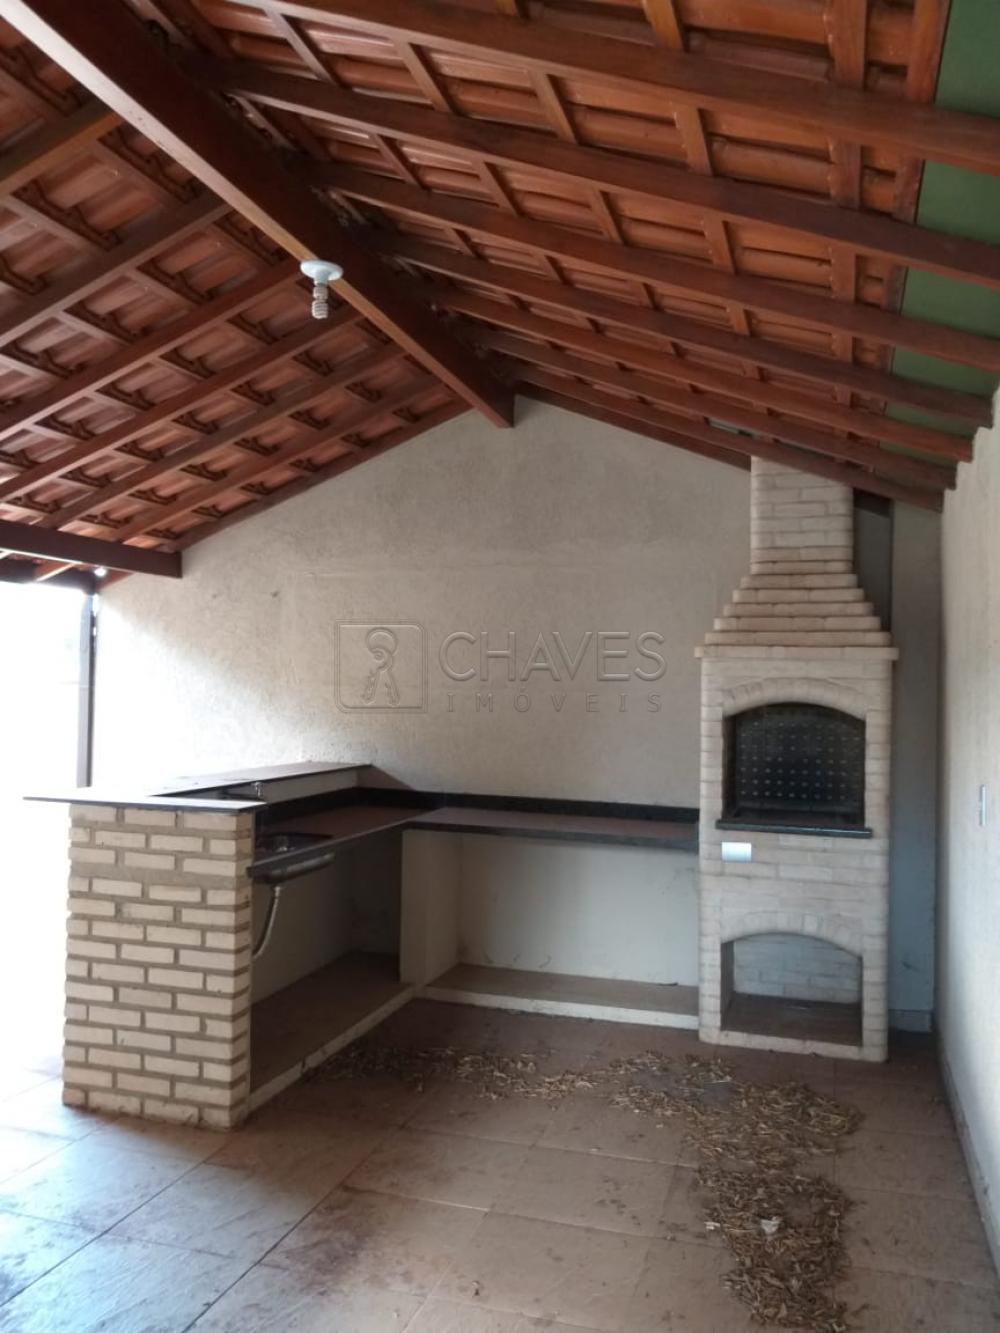 Comprar Casa / Condomínio em Bonfim Paulista apenas R$ 632.000,00 - Foto 2